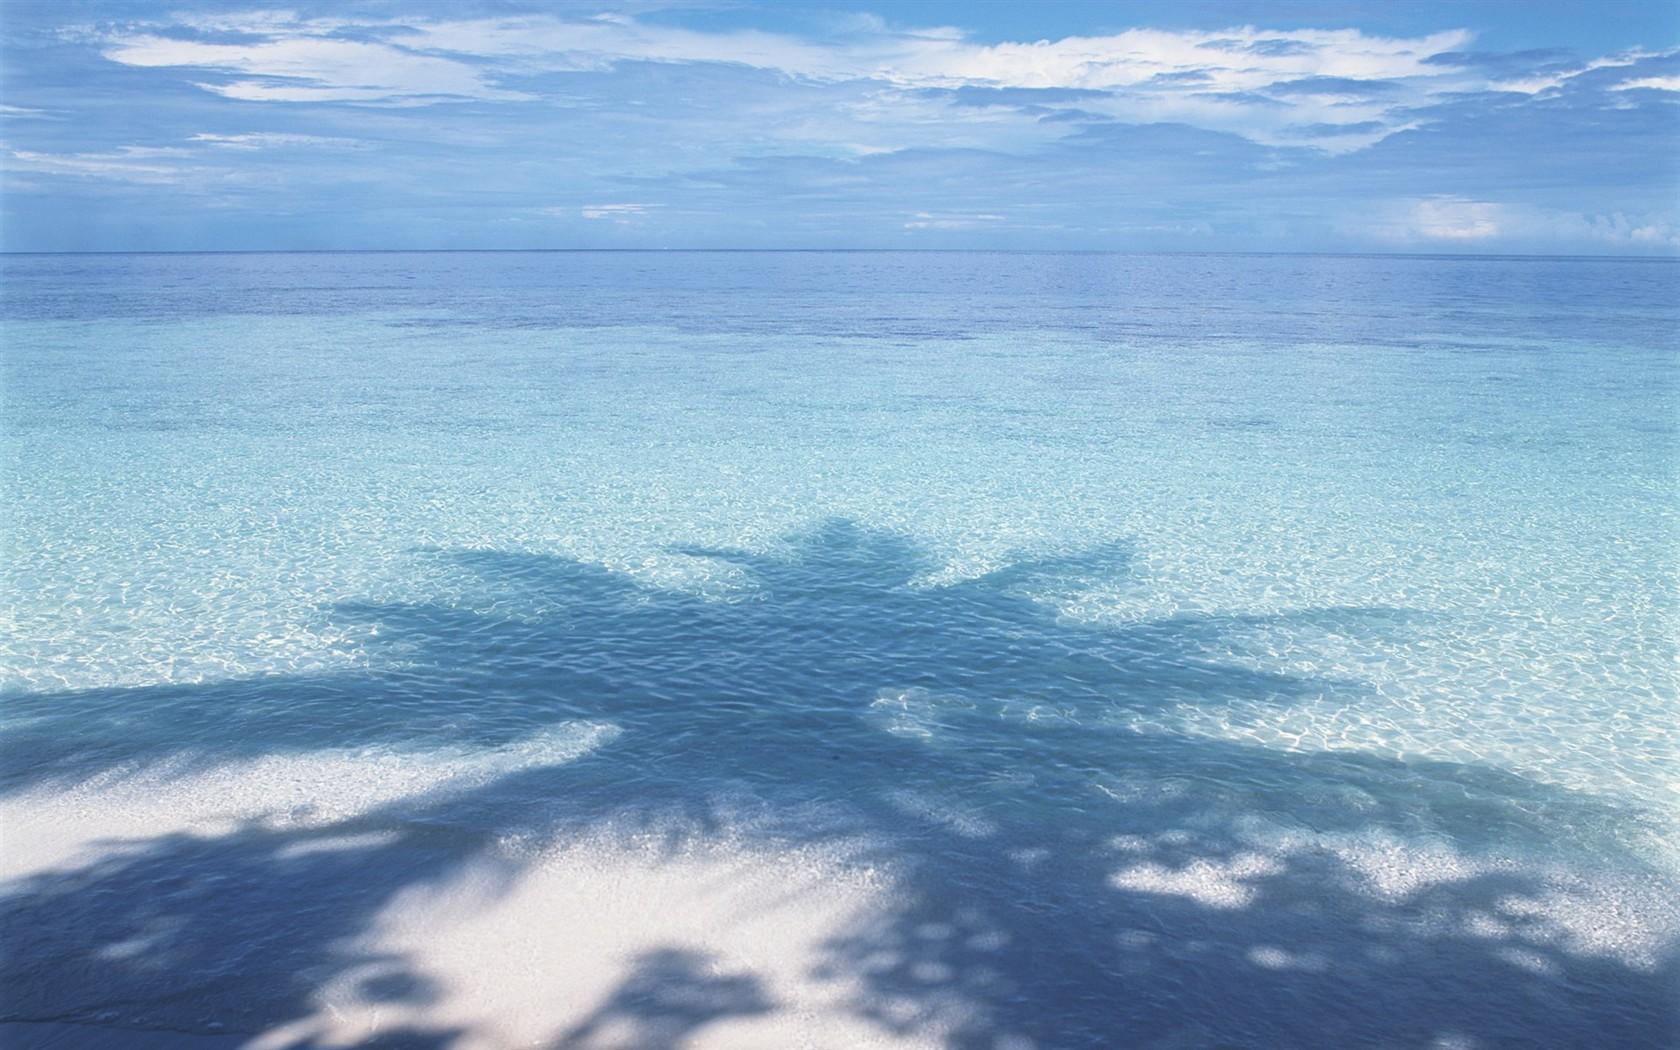 Blauer Himmel Wallpaper Wasser Und Blauer Himmel